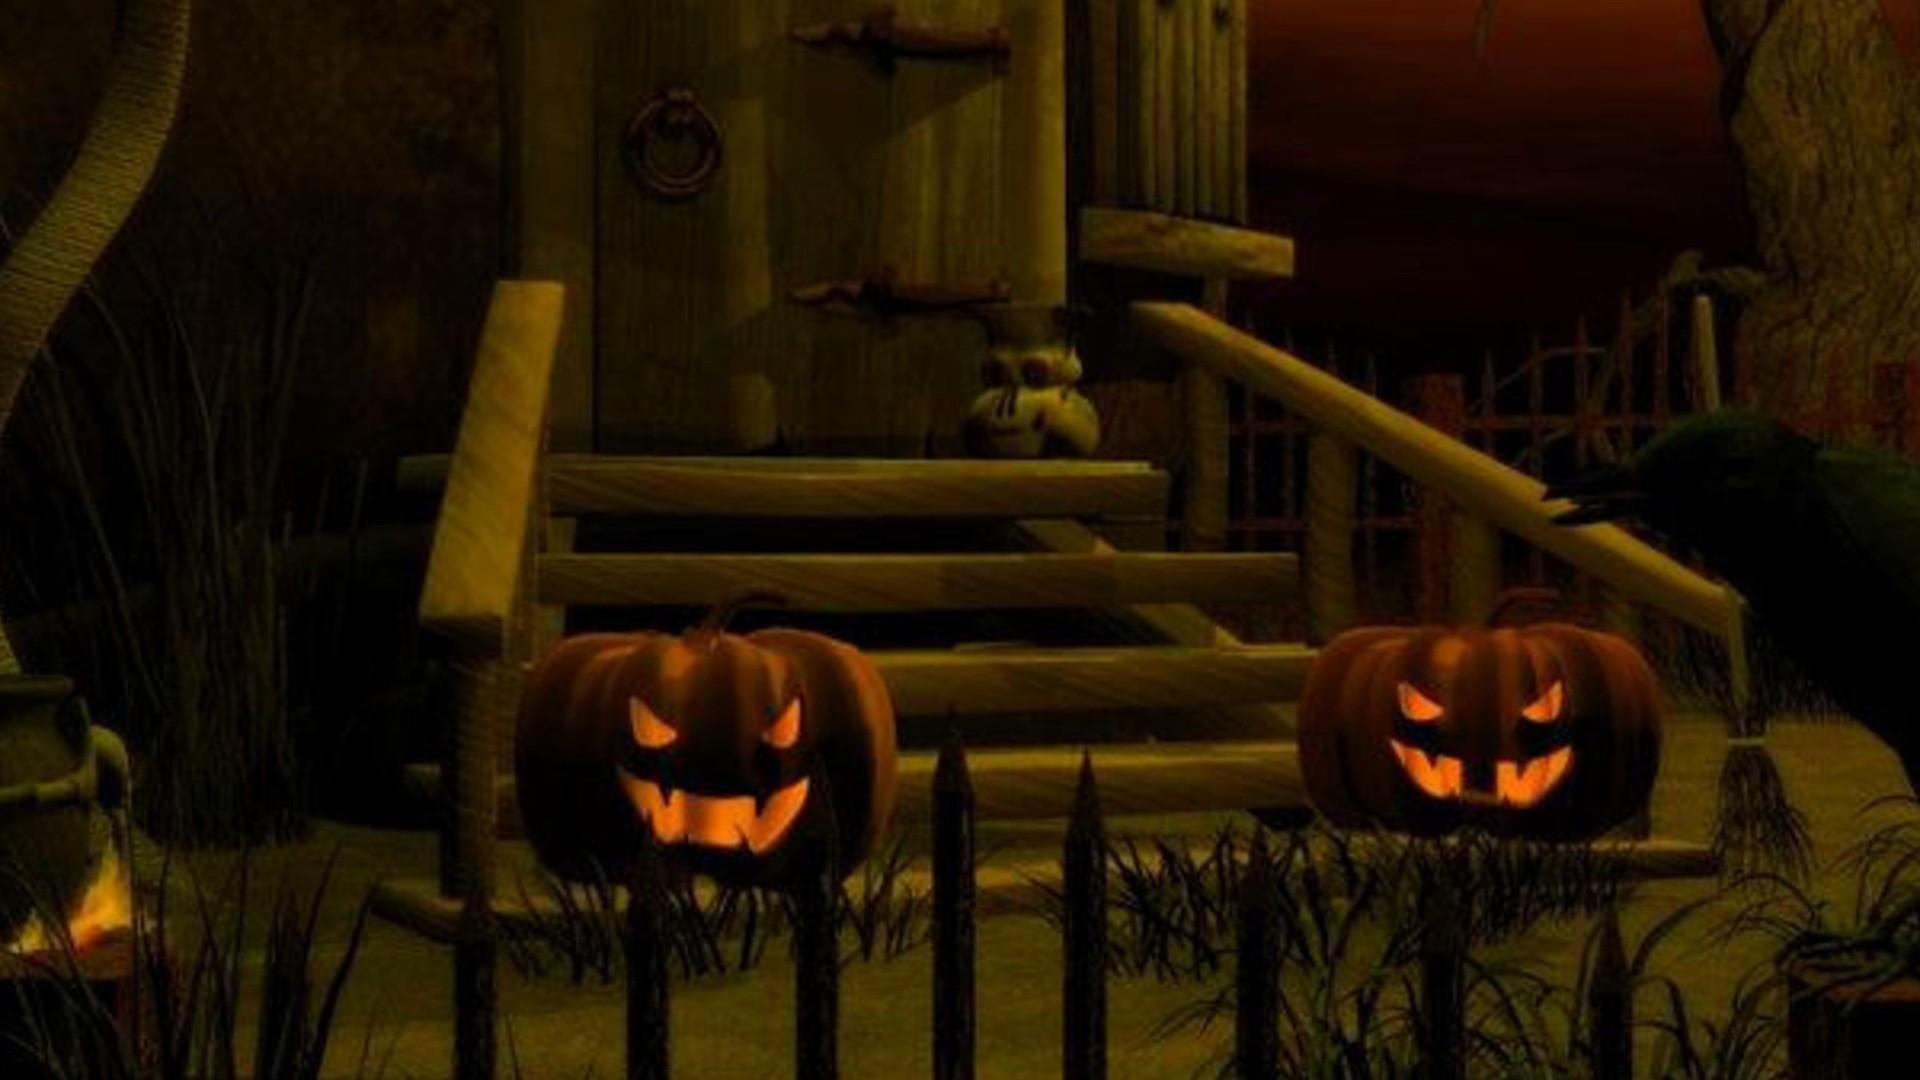 Halloween wallpaper desktop 66 images - Free widescreen halloween wallpaper ...